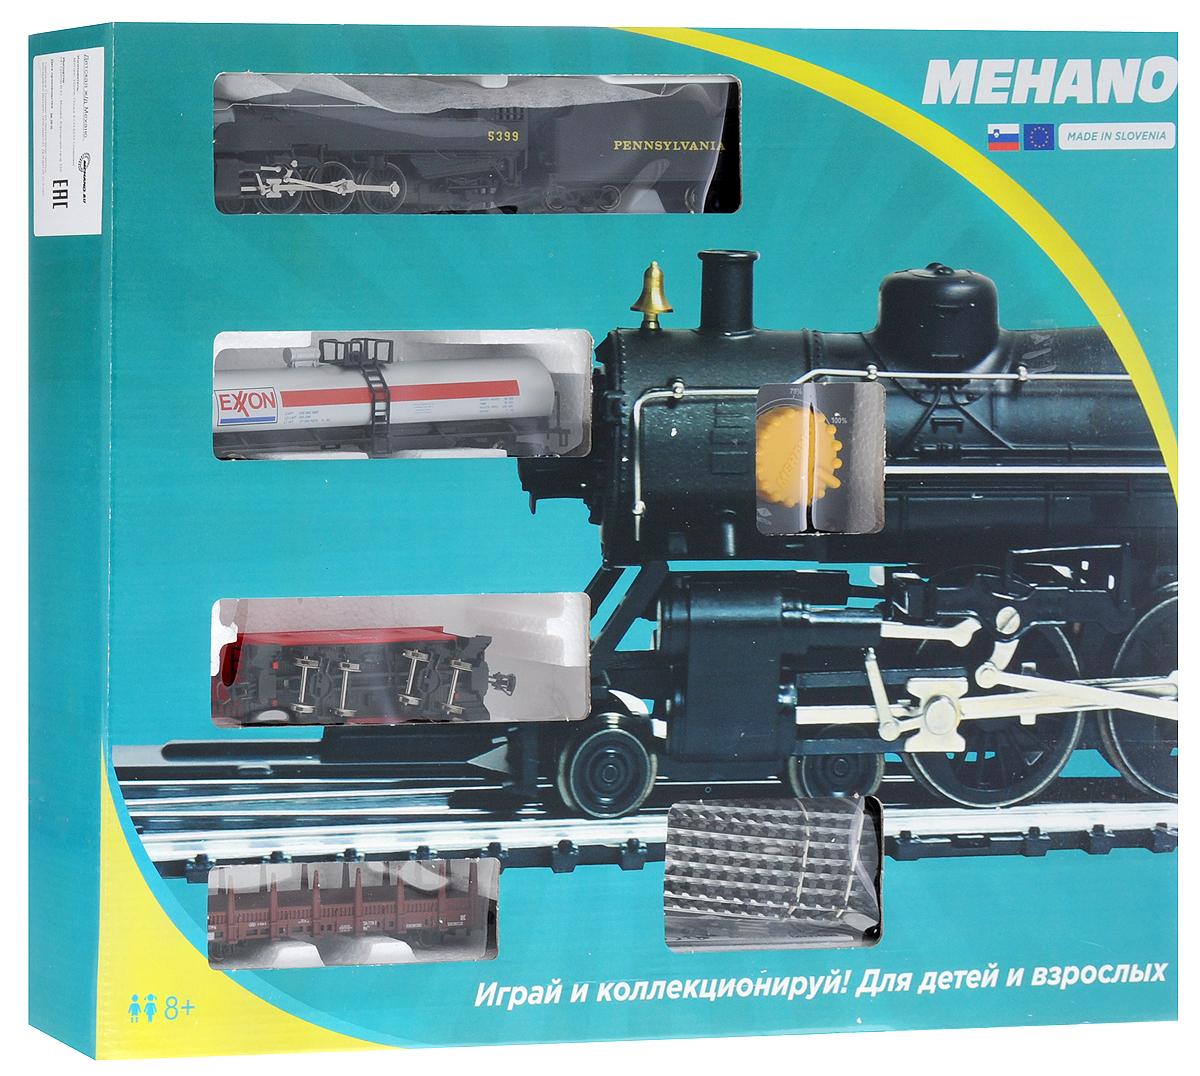 Mehano Железная дорога Prestige с паровозом Pennsylvania 5399PR01-006Железная дорога Mehano - миниатюрная копия грузового состава. Мельчайшие детали паровозов, тепловозов и грузовых вагонов, каждая рельефная линия экстерьера тщательно проработаны, благодаря чему состав выглядит более чем реально. Можно вообразить, как этот состав загрузили где-то на миниатюрном перевалочном пункте, а затем он аккуратно вез свой груз по длинным разветвленным путям… Воплотить воображаемое в действительность очень легко: при желании железнодорожное полотно можно увеличить и добавить элементы ландшафта, ведь все элементы железных дорог Mehano совместимы друг с другом. При желании, можно докупить стрелку, перекресток и состав может двигаться на другие участки железной дороги. Рельсы металлические, колеса паровозов и вагонов выполнены из металла. Все элементы комплекта совместимы с другими сборными моделями железной дороги Mehano, так что юный машинист сможет прокладывать различные маршруты, строить новые станции и придумывать неповторимый, свой собственный...